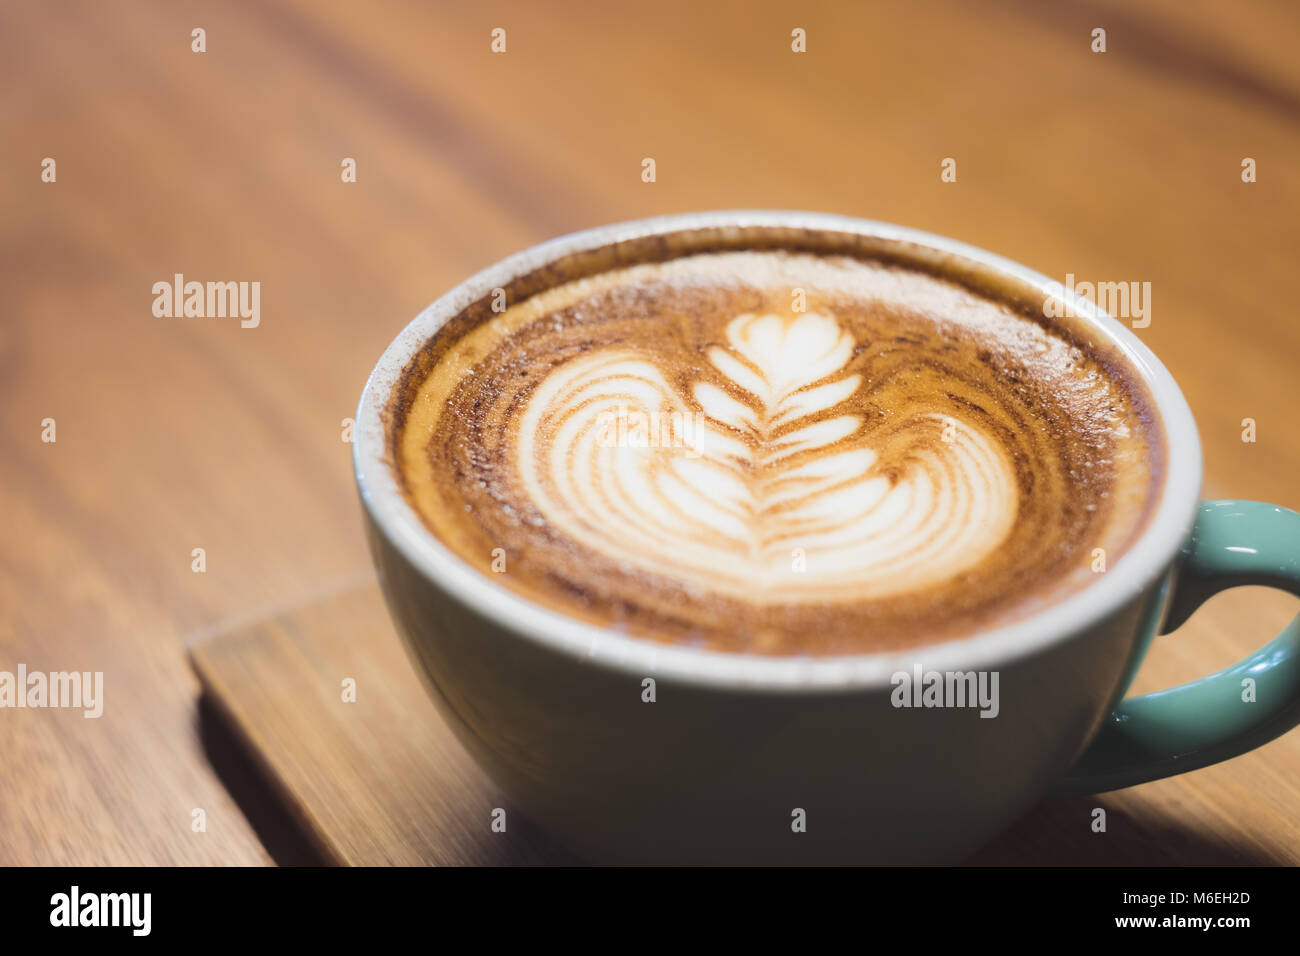 Close up sex cappuccino tasse avec forme de coeur latte art sur bois table à café filtre de ton,Drak,Nourriture Banque D'Images